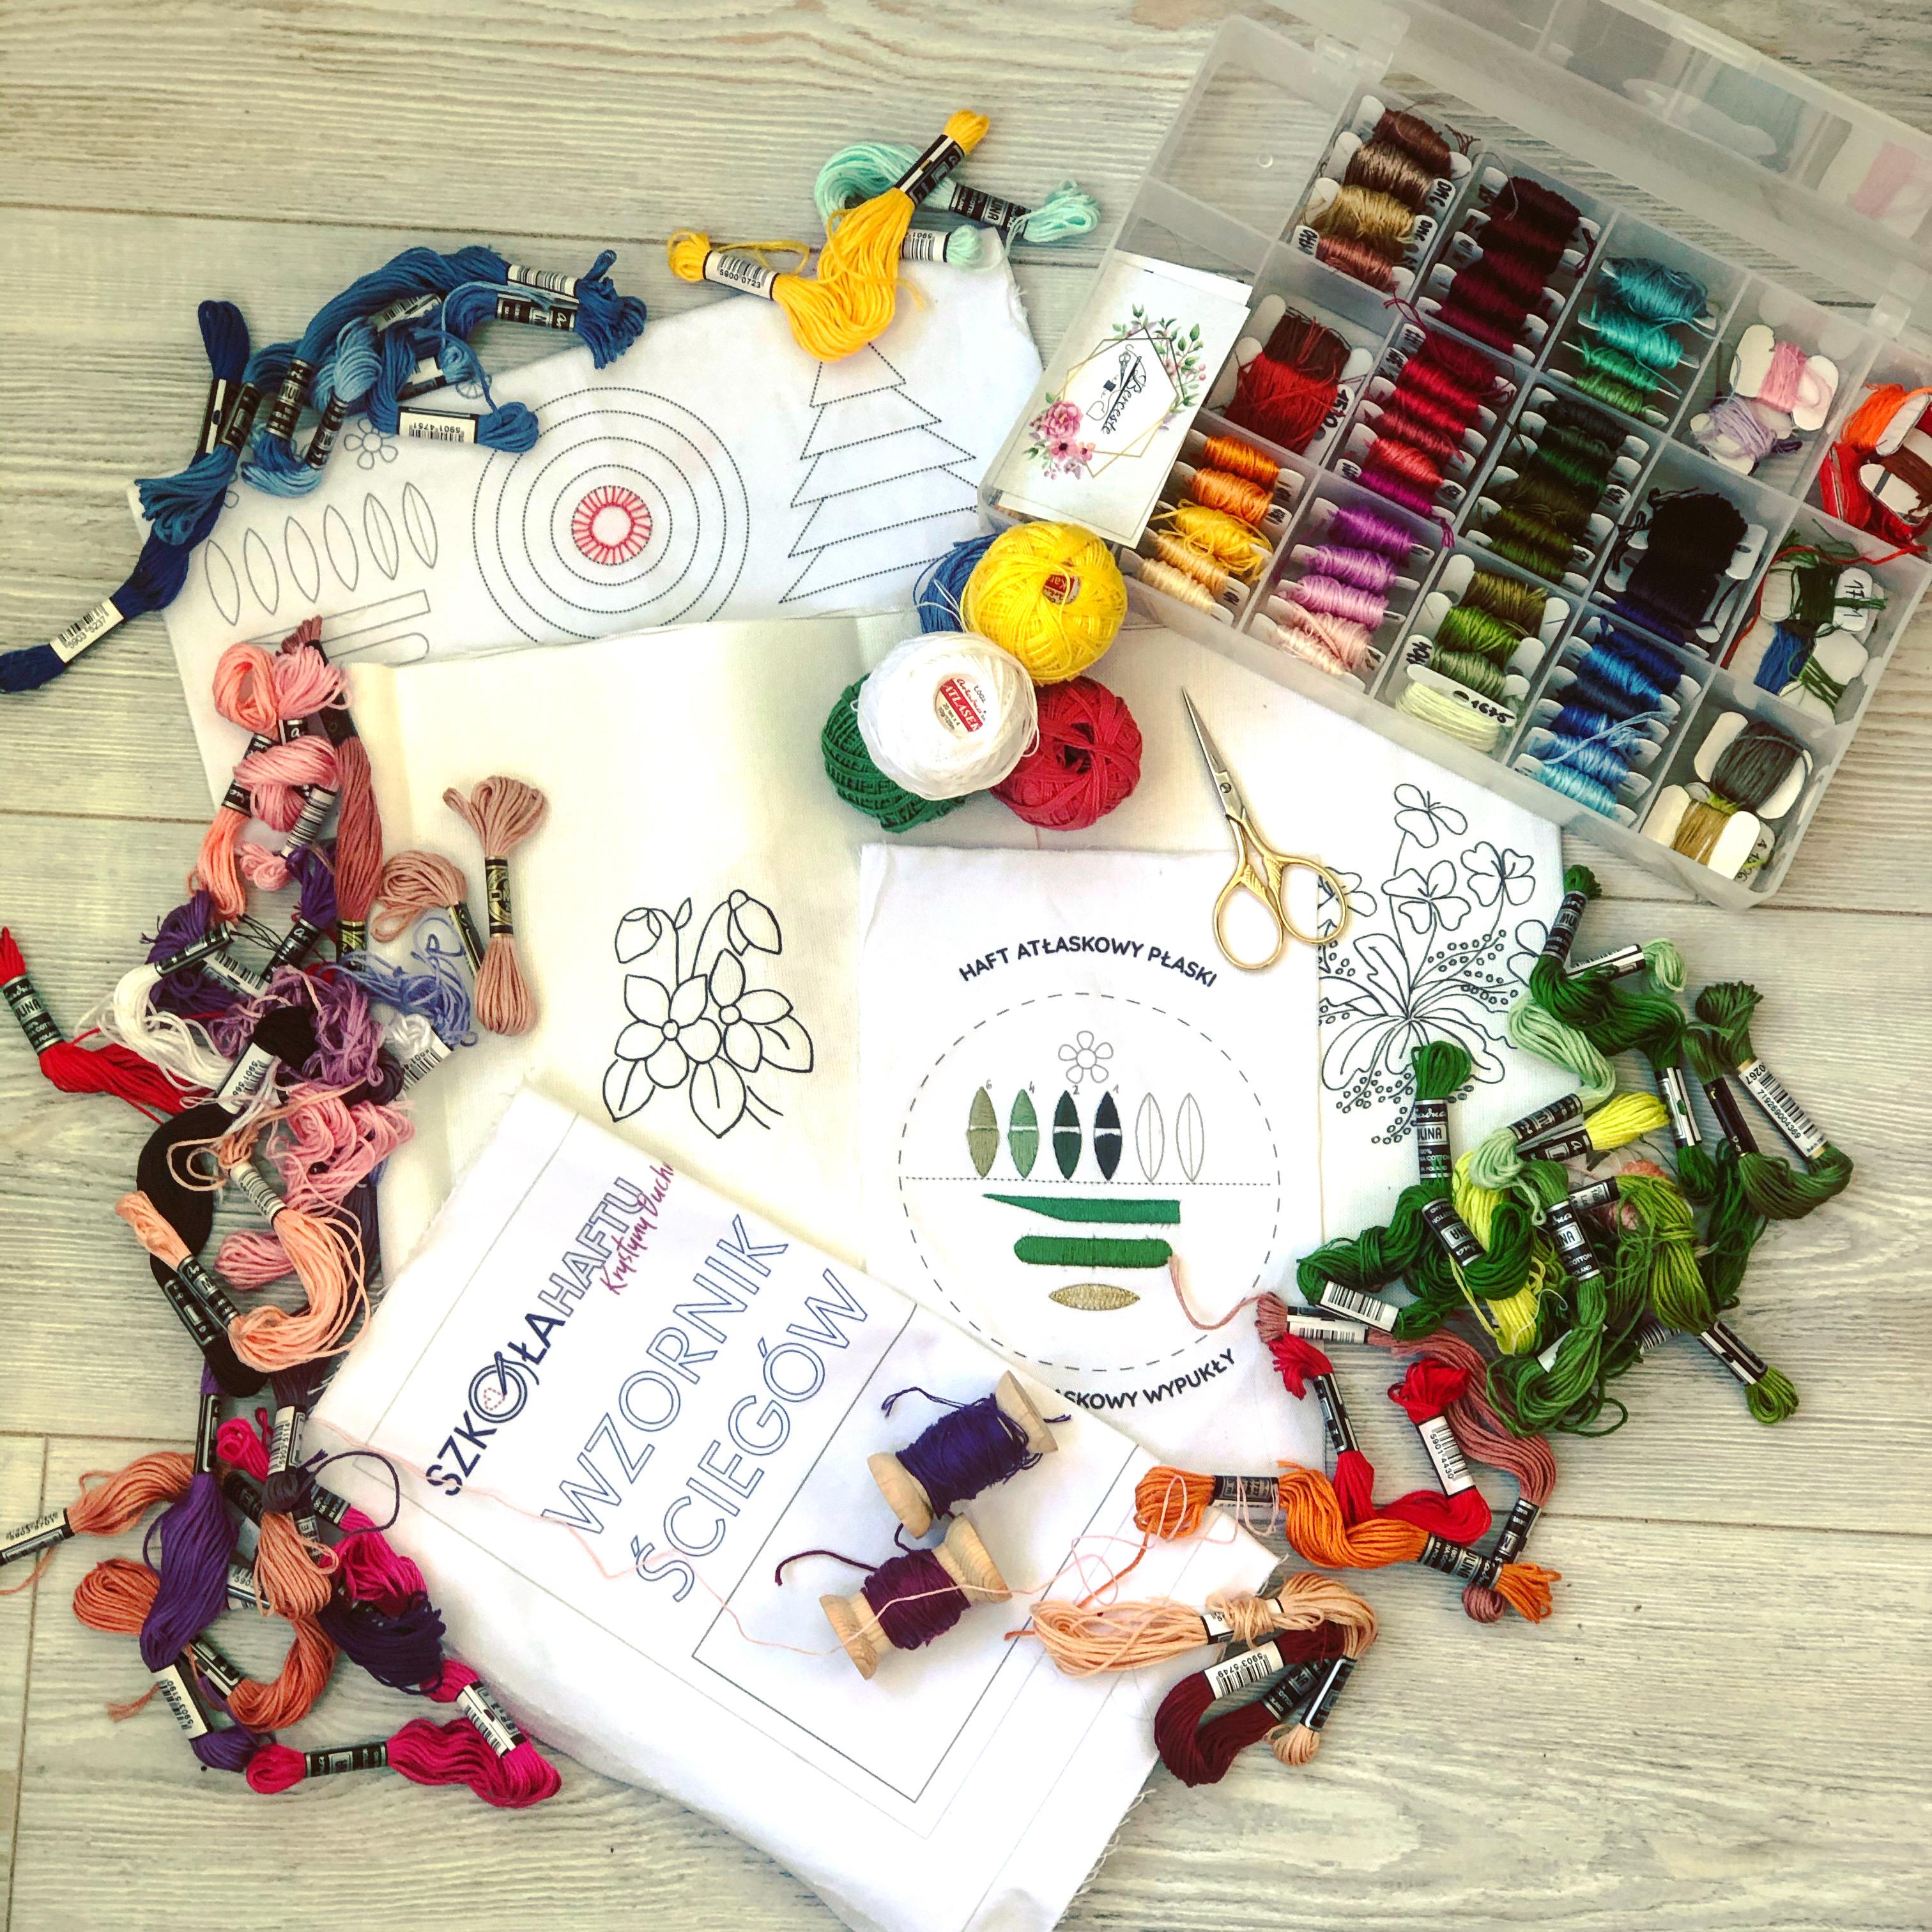 Read more about the article Minimalizm czy kolekcjonowanie – kilka słów o akcesoriach do haftu